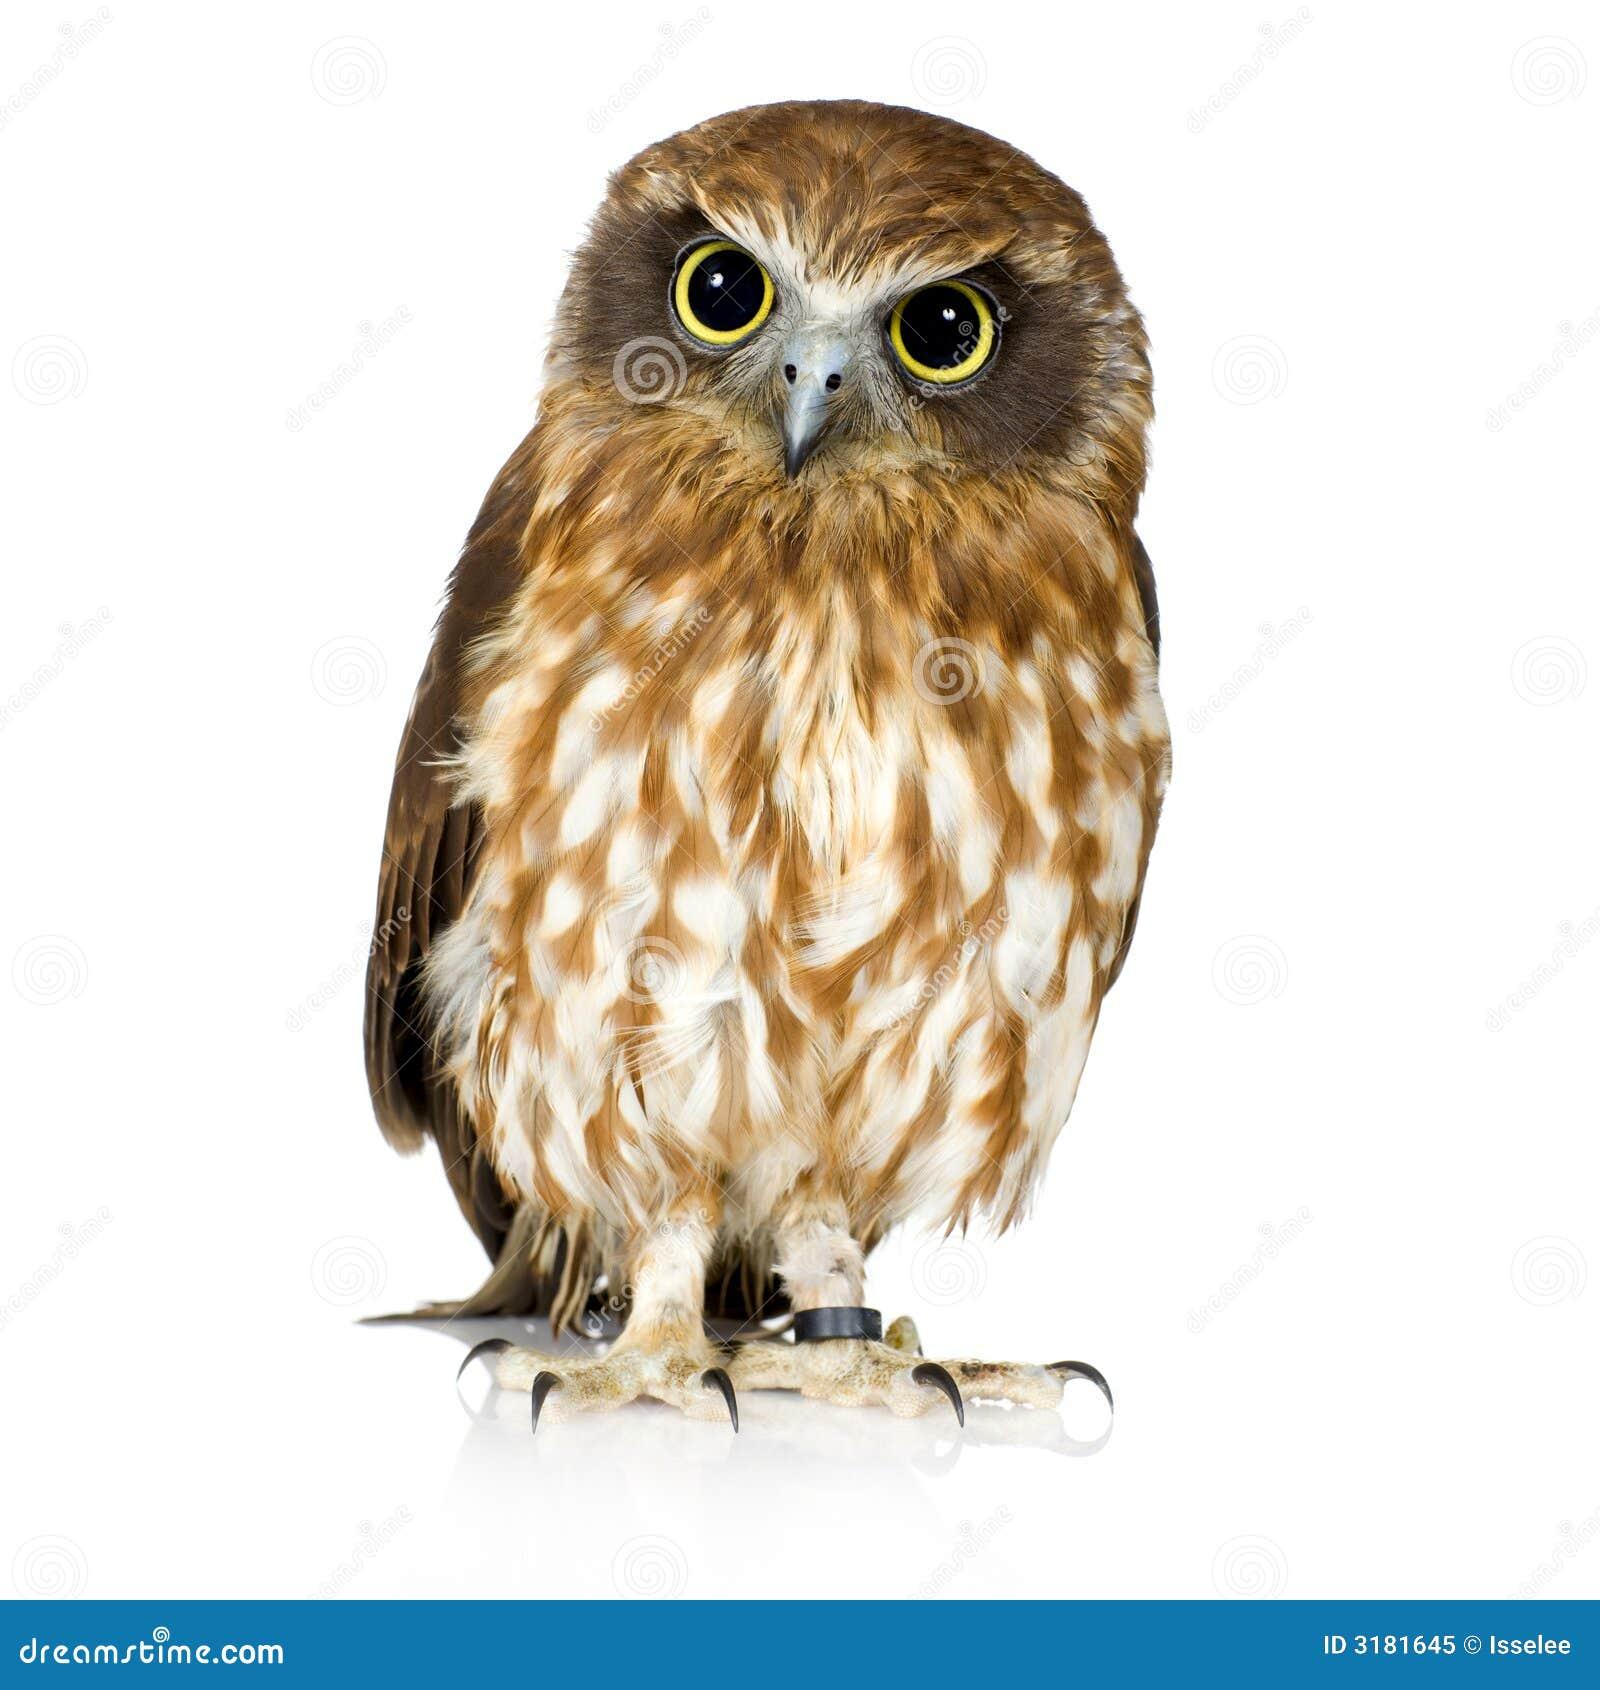 New Zealand owl stock image. Image of vertebrate, nature ...